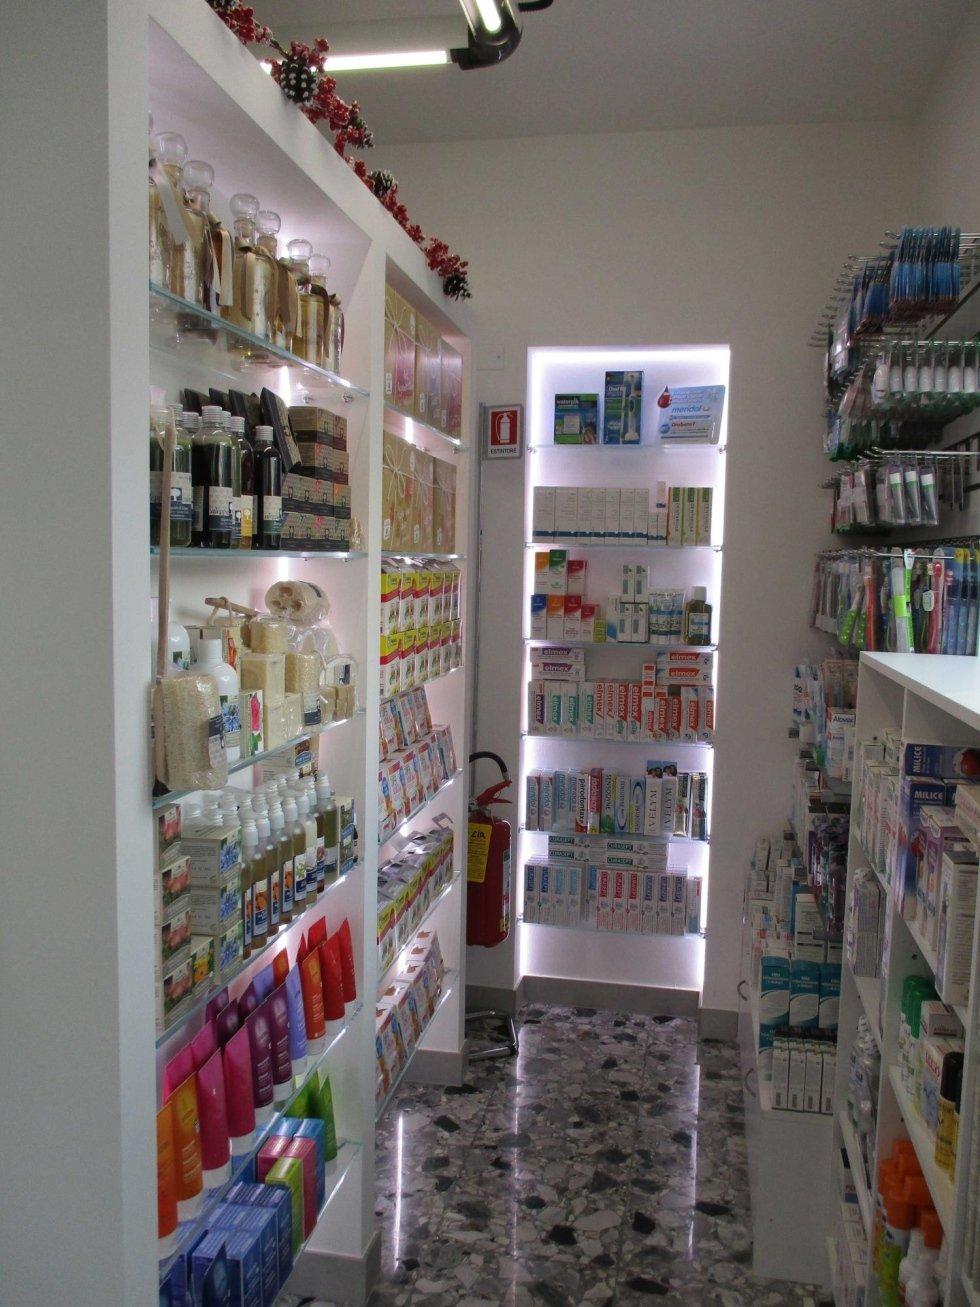 vendita di prodotti per l'igiene personale